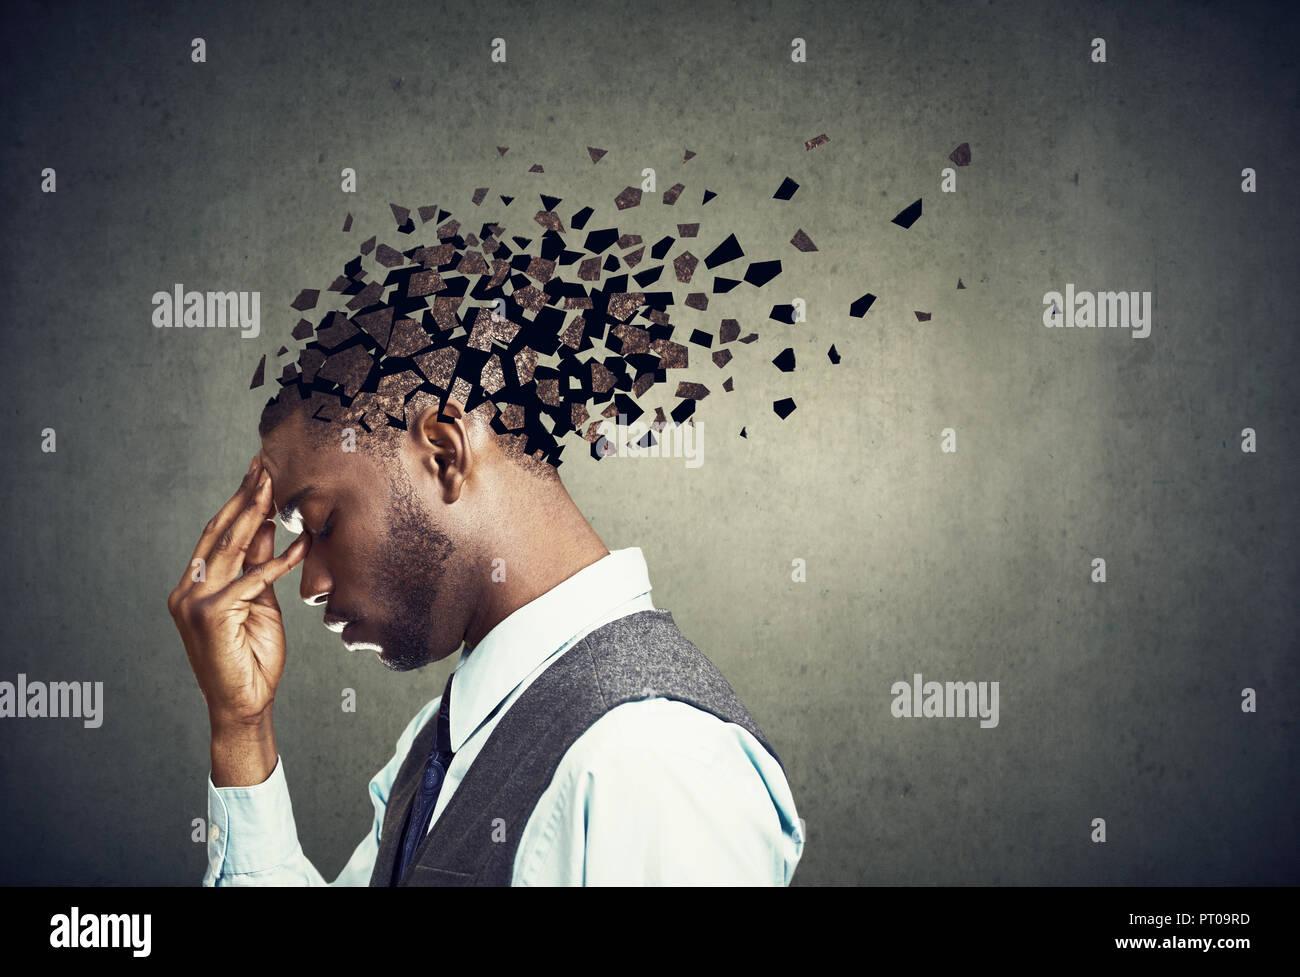 La pérdida de memoria debido a la demencia o daño cerebral. El perfil lateral de un hombre triste y perder partes de cabeza como símbolo de disminución de la función de la mente. Imagen De Stock